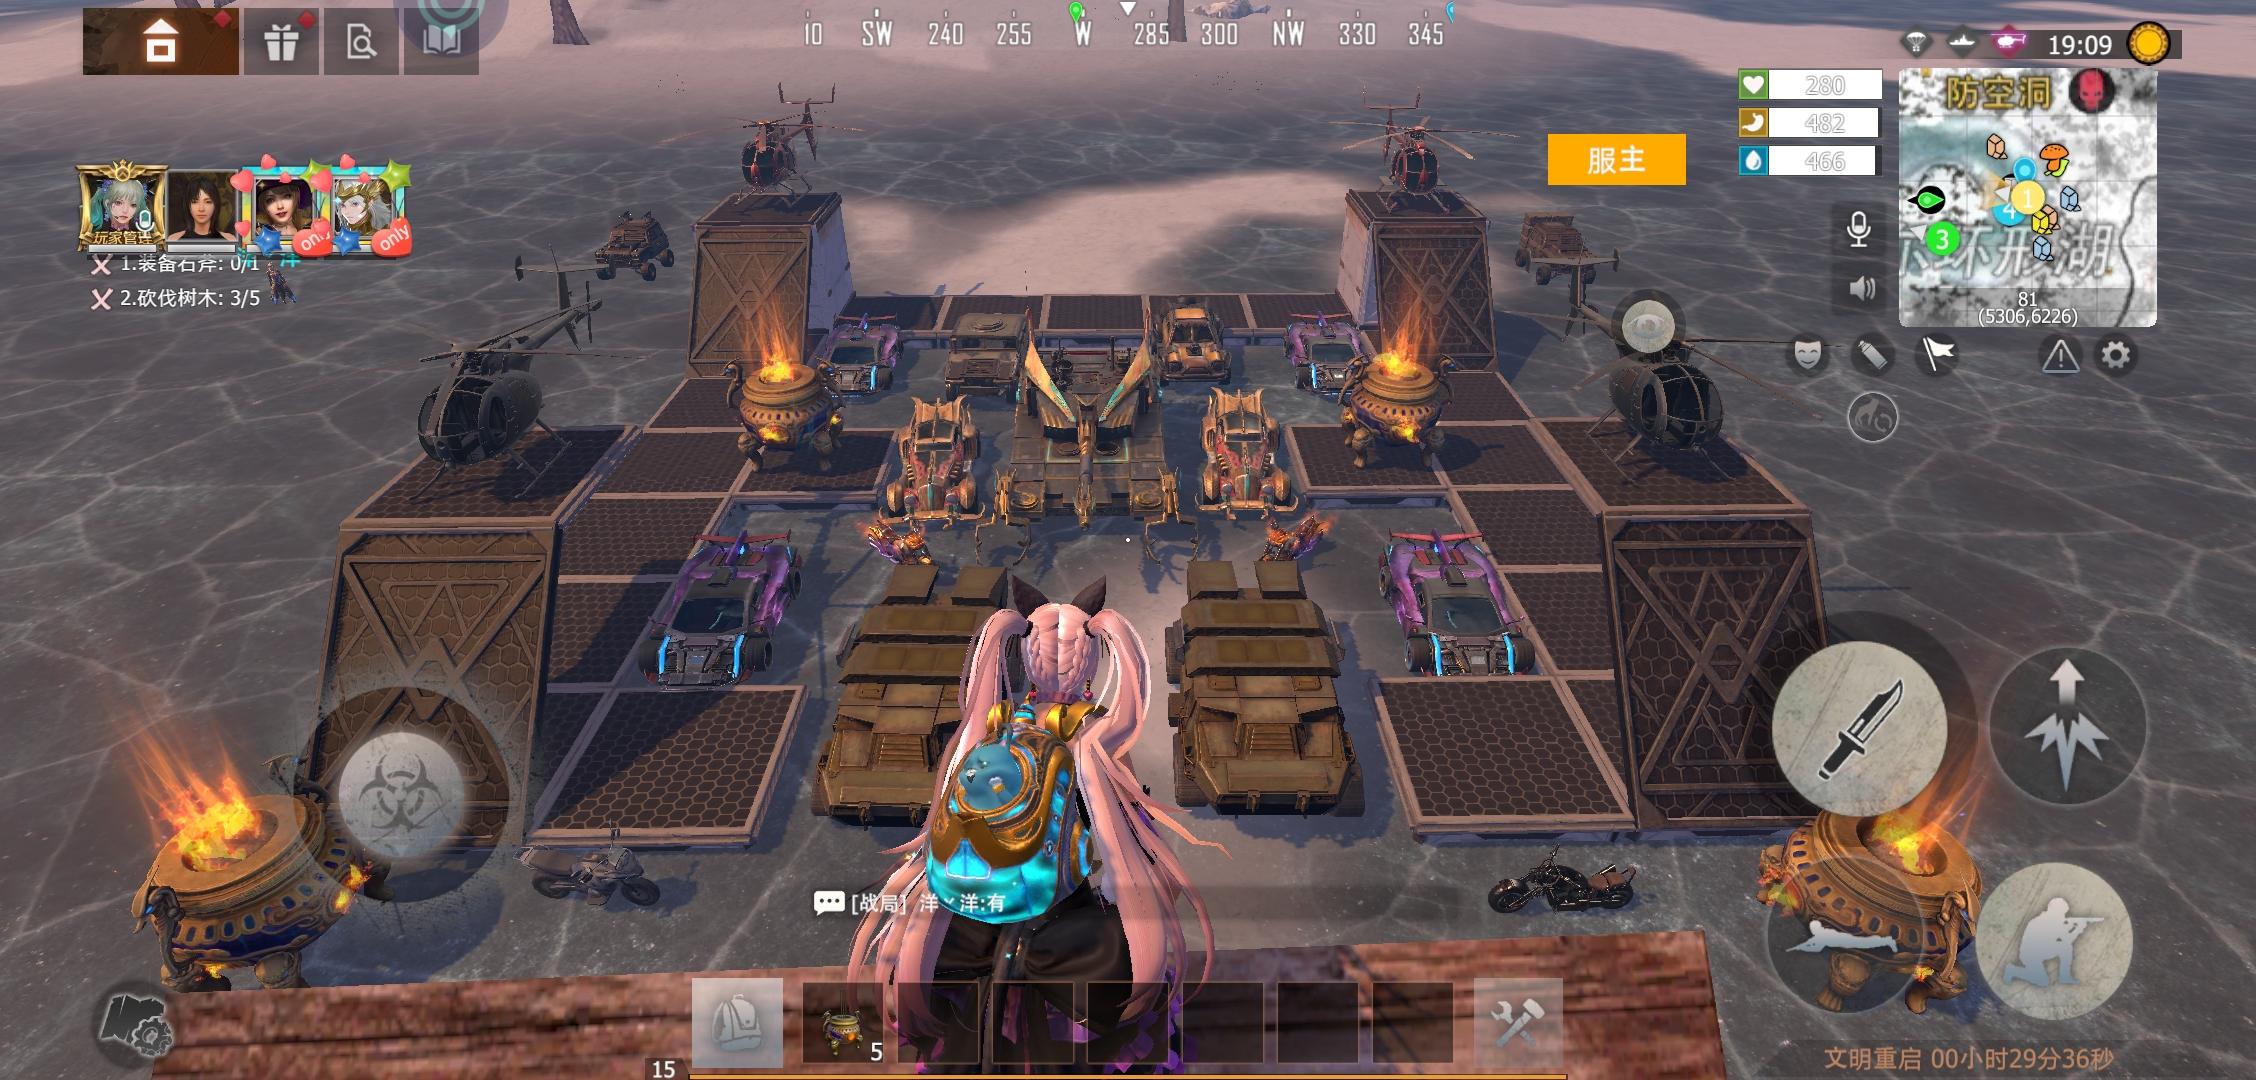 【分享攻略】坦克的所有秘密都在这里,快来看看!